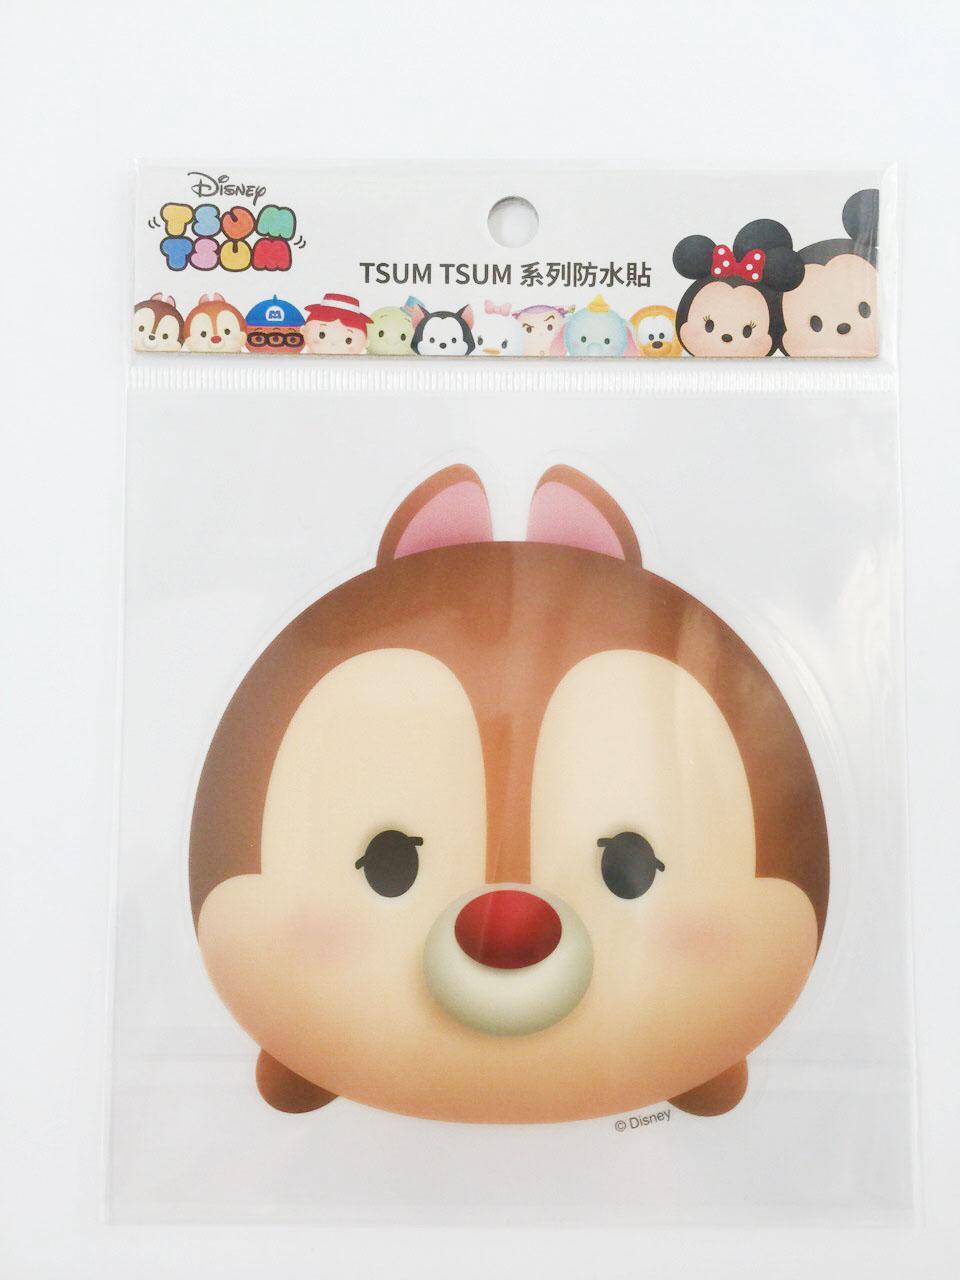 【真愛日本】16011200034  TSUM防水貼紙-蒂蒂   奇奇蒂蒂 花栗鼠 迪士尼 裝飾貼紙 PVC 貼紙